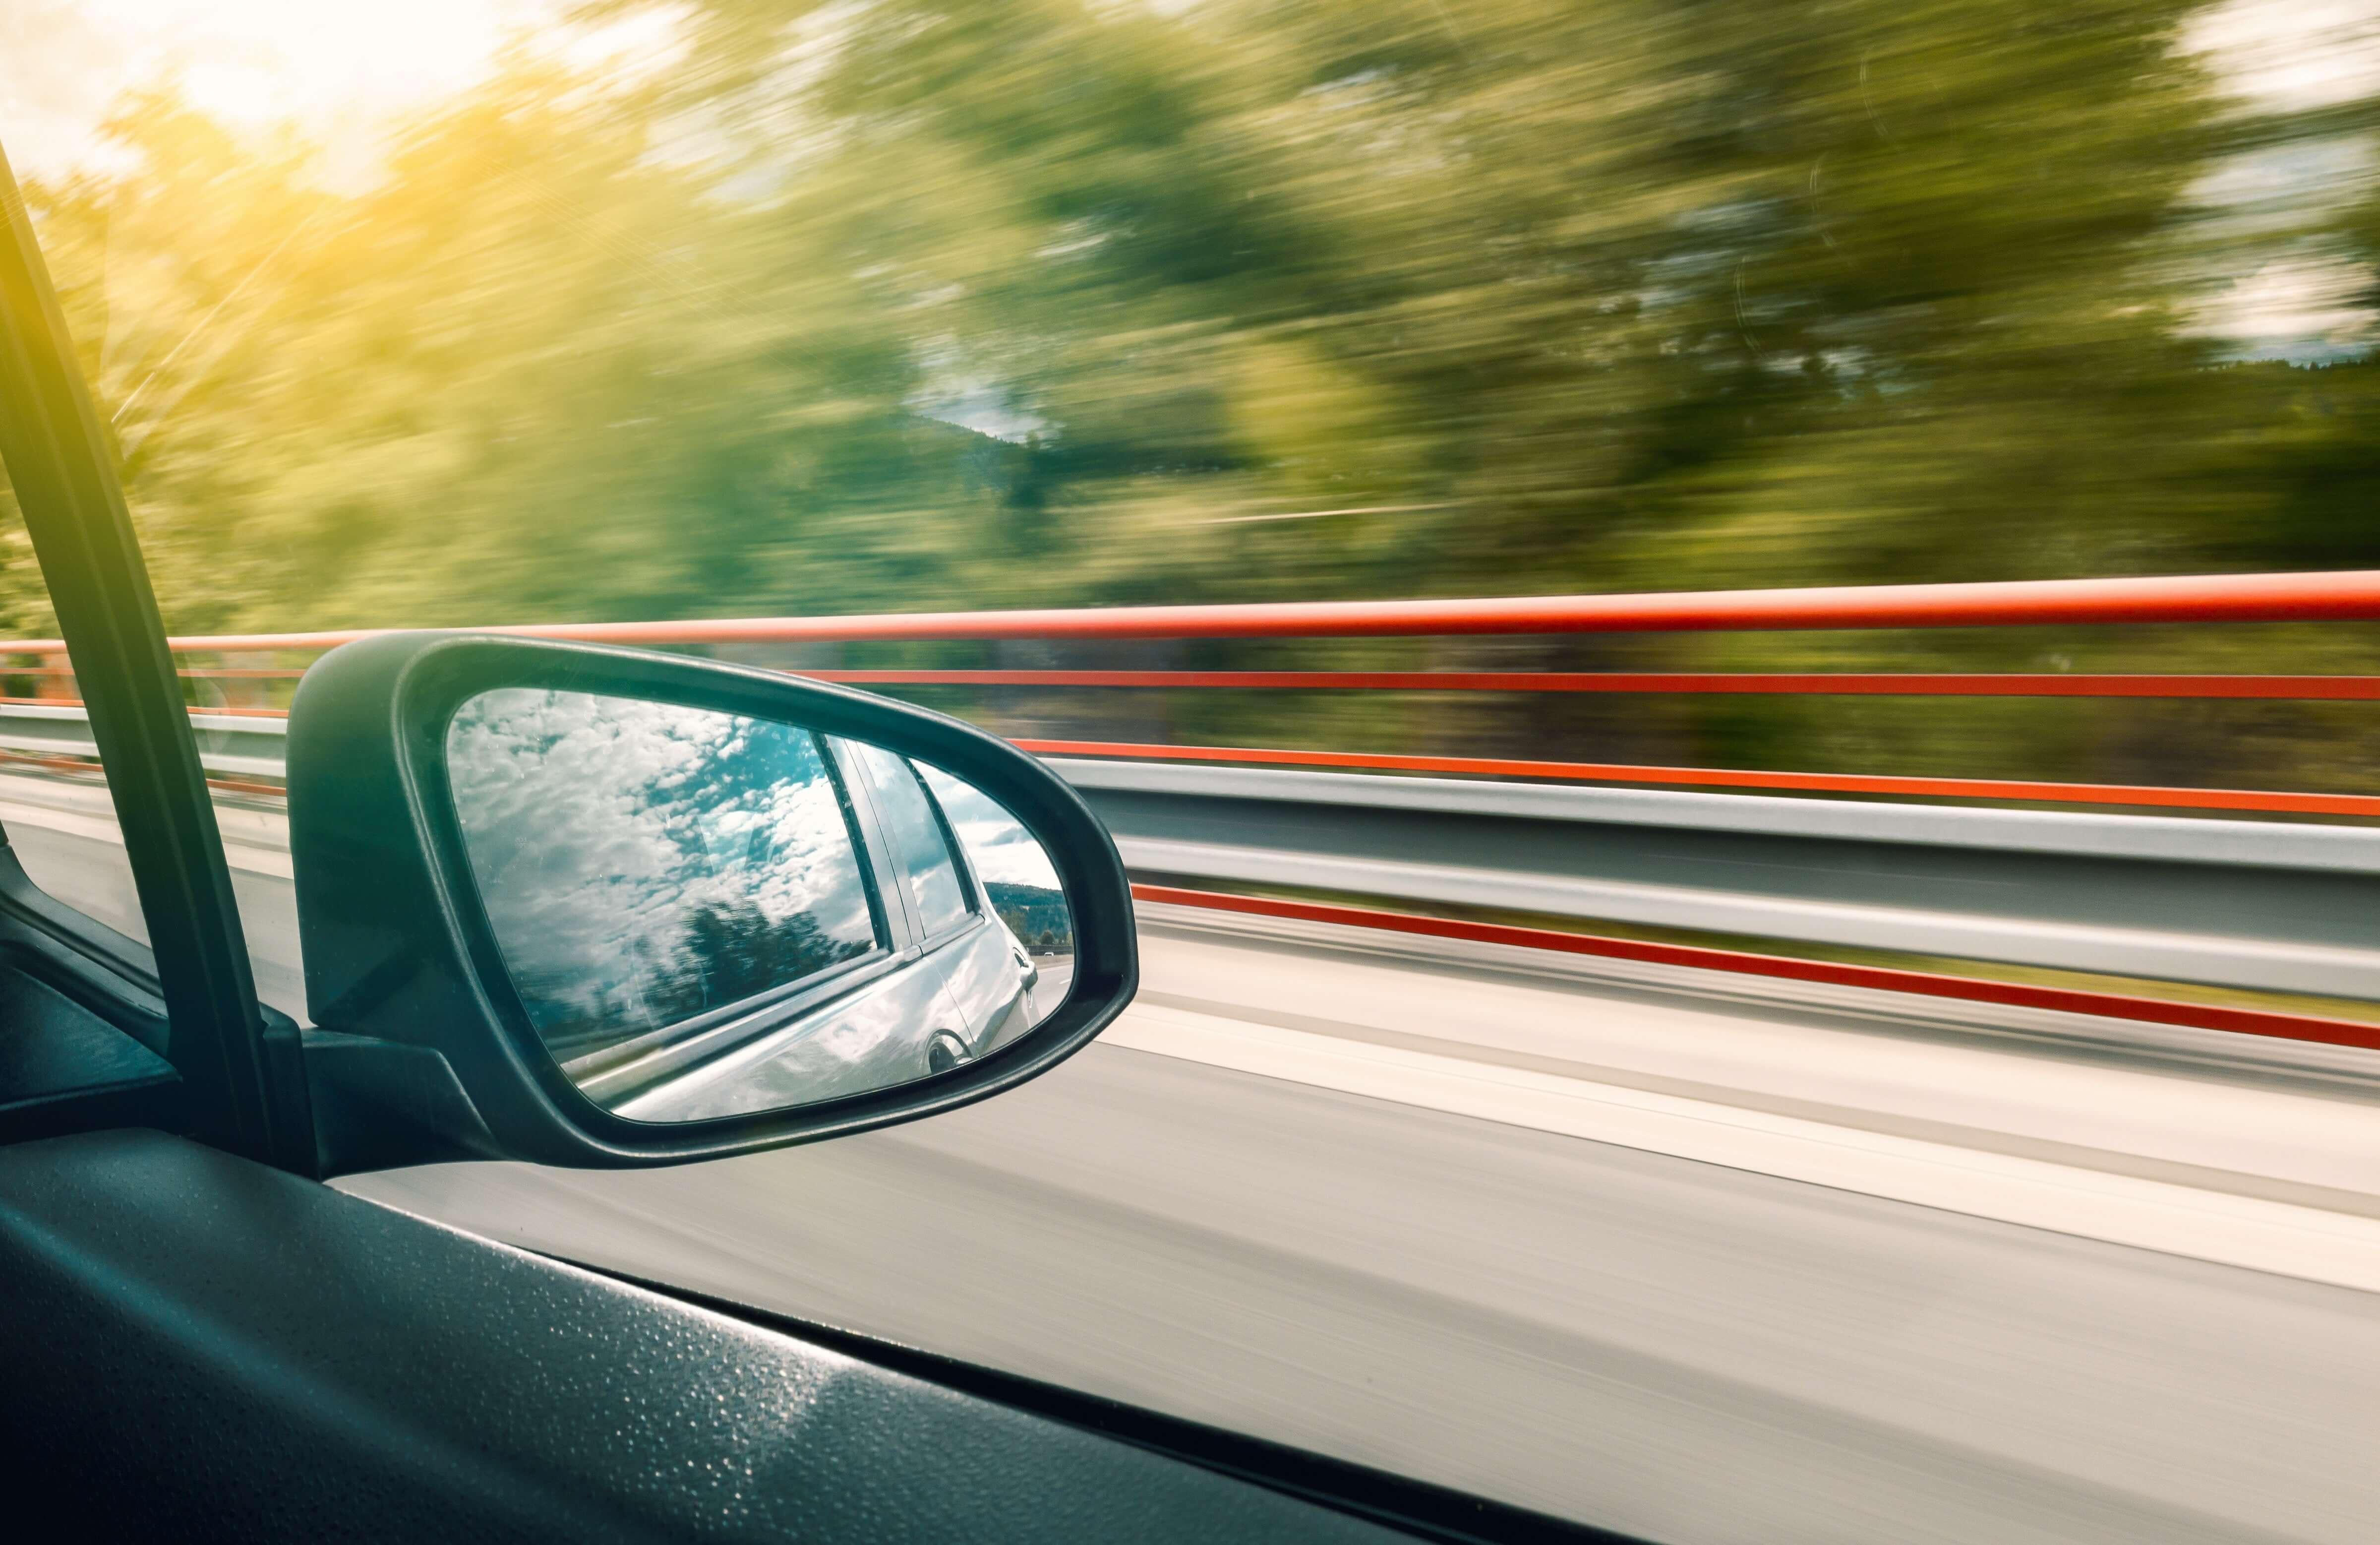 foto tirada de interior de carro em movimento